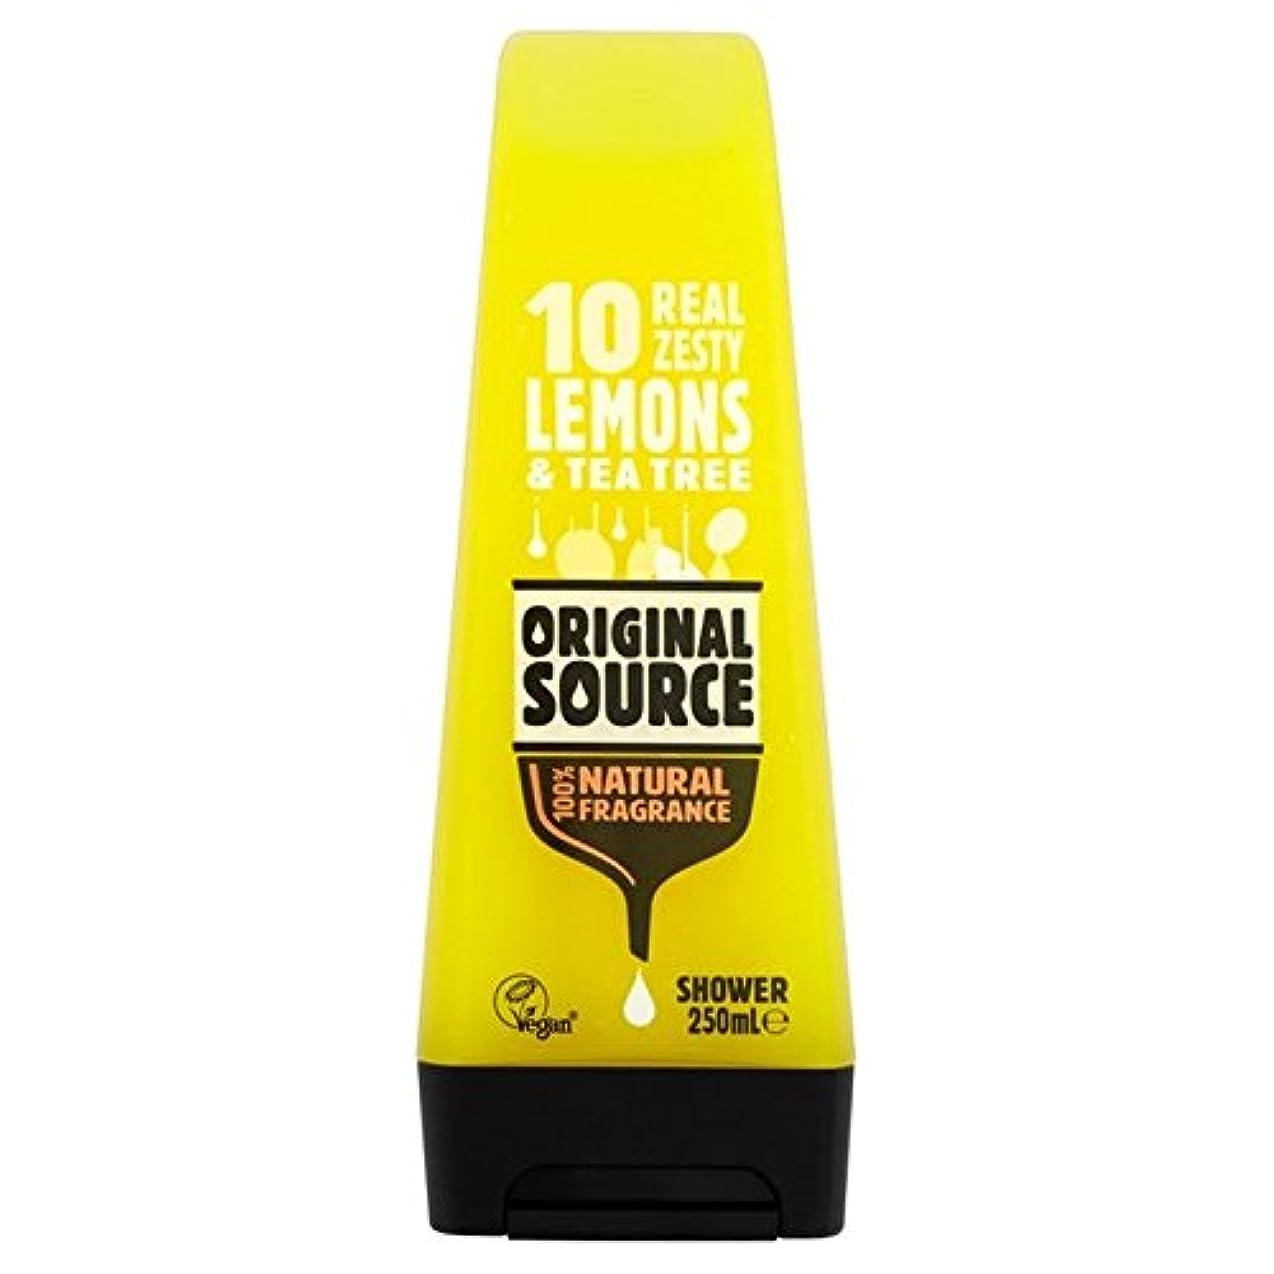 メディカル小競り合いケーブルカーOriginal Source Lemon Shower Gel 250ml - 元のソースのレモンシャワージェル250ミリリットル [並行輸入品]